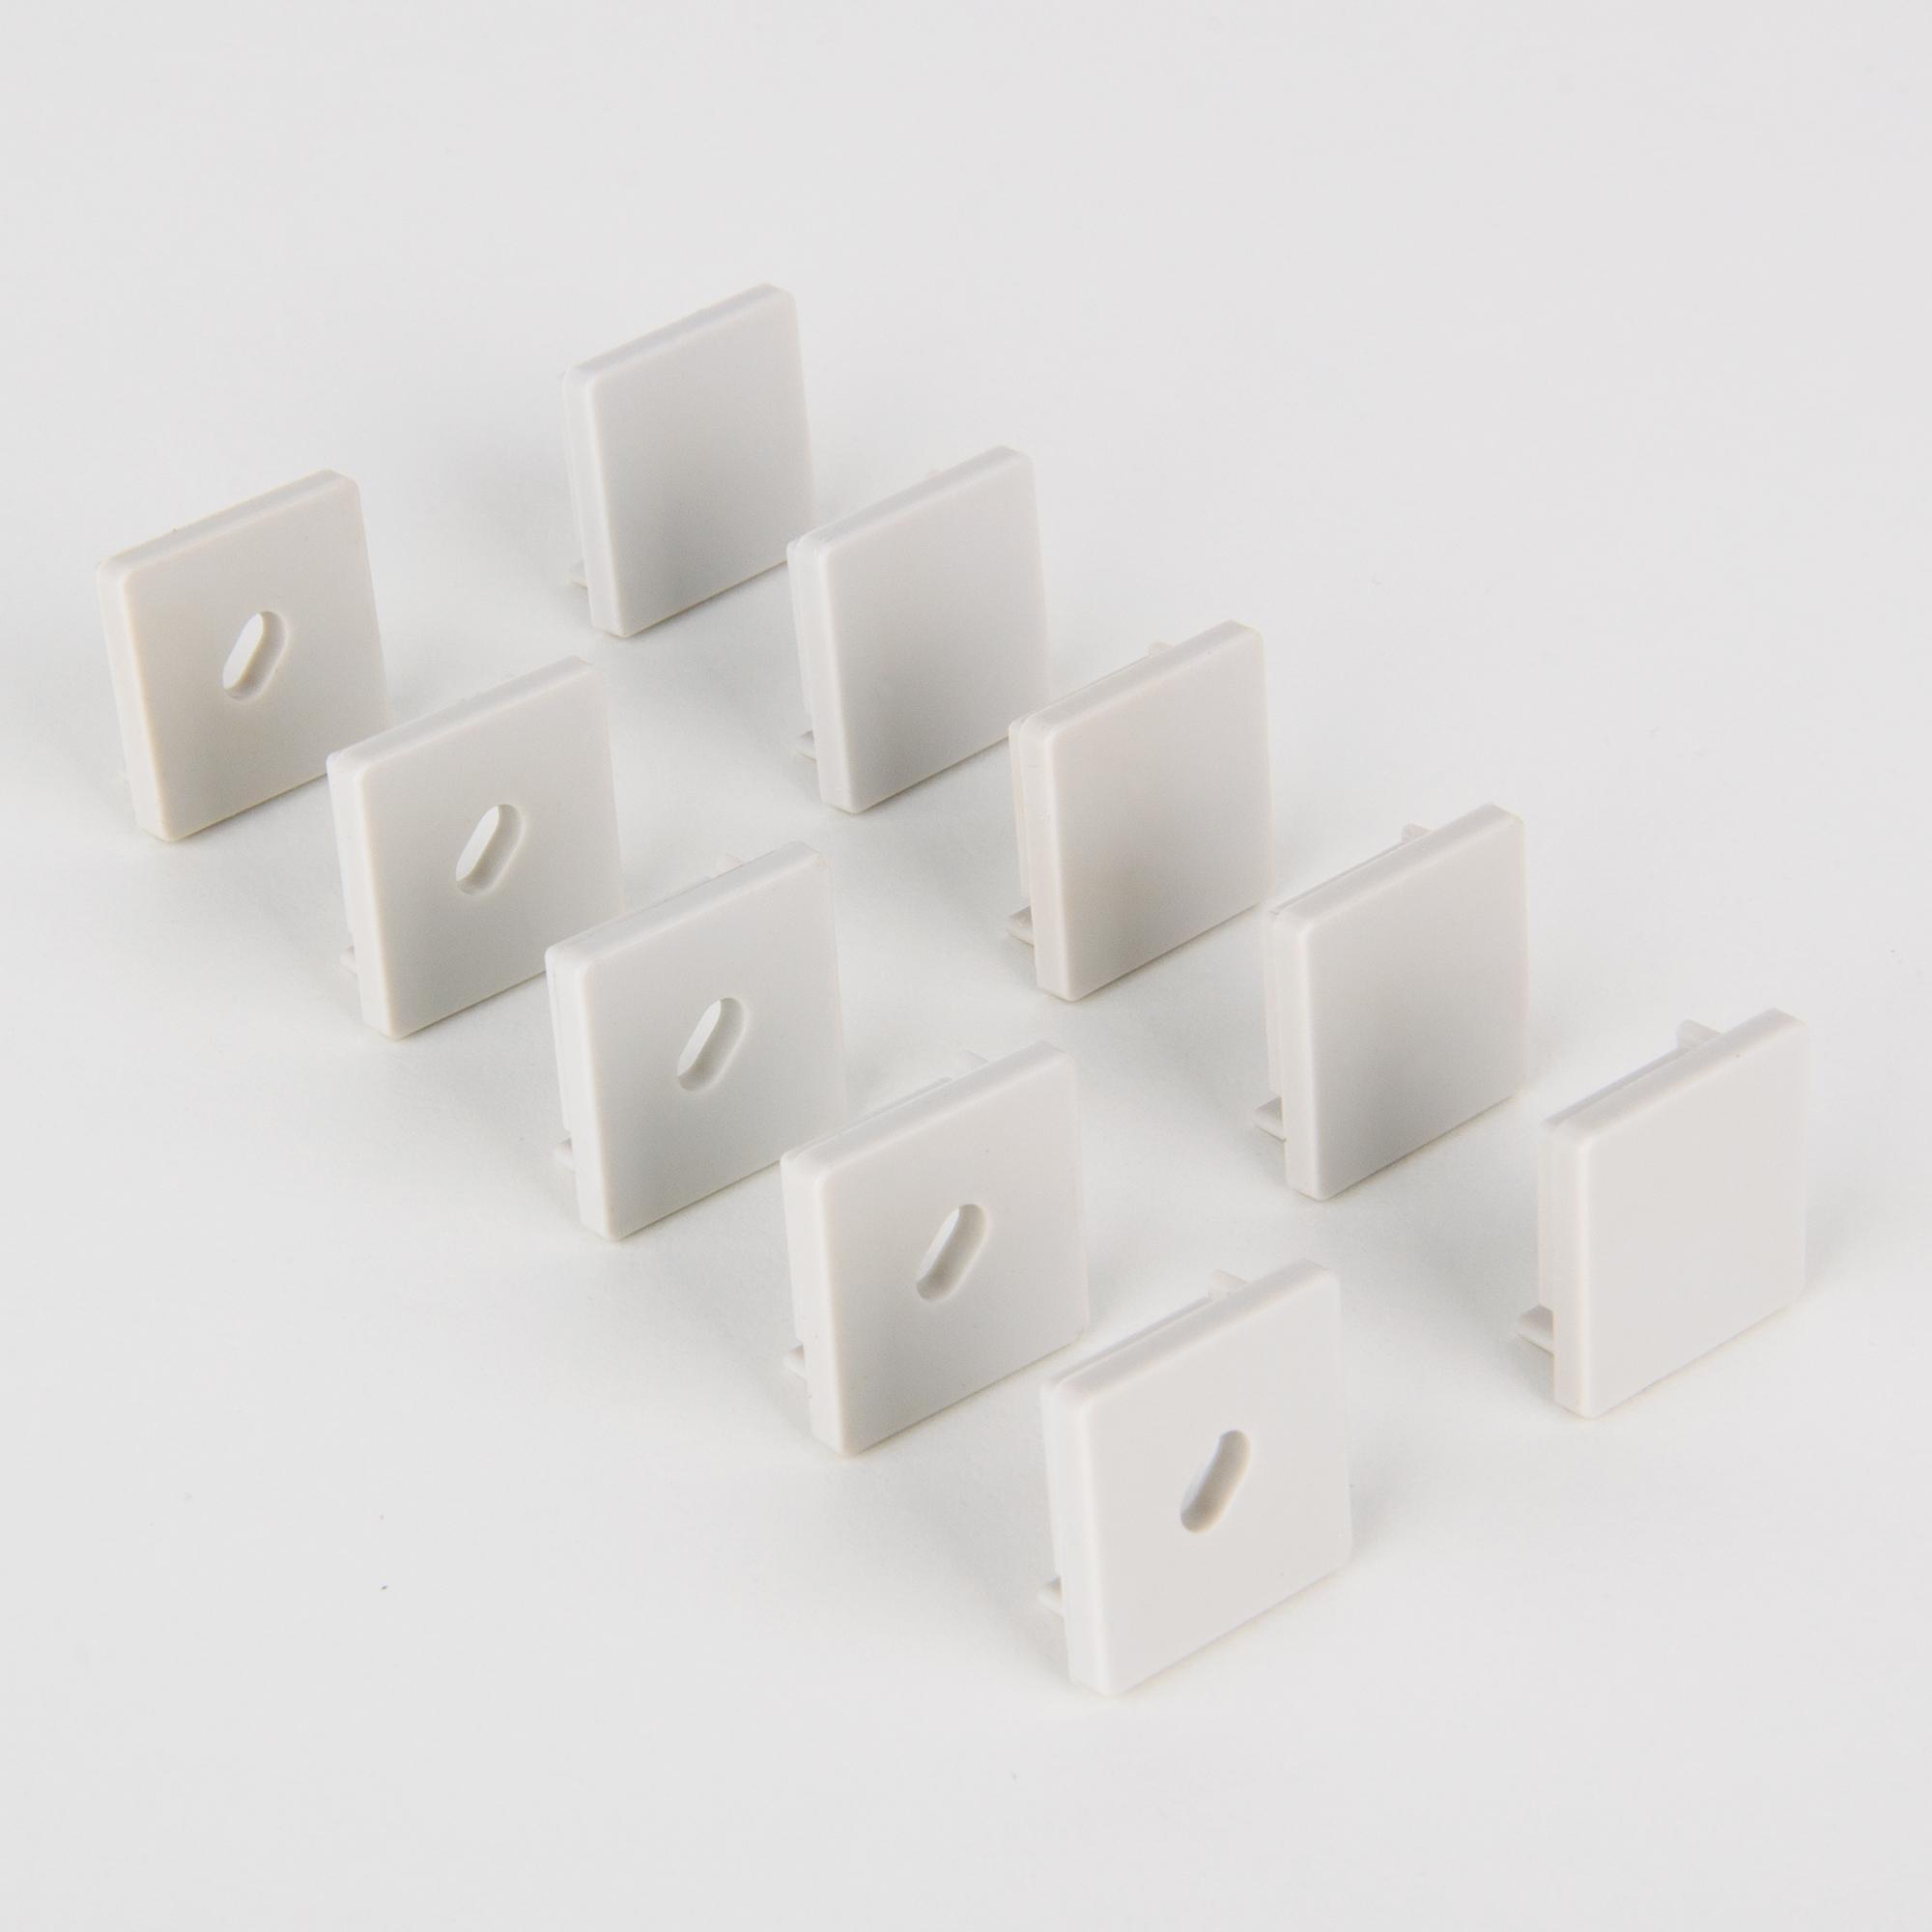 ZLL-2-ALP009 Заглушки для квадратного углового алюм. профиля для LED ленты (10mm) (компл. 5 пар)